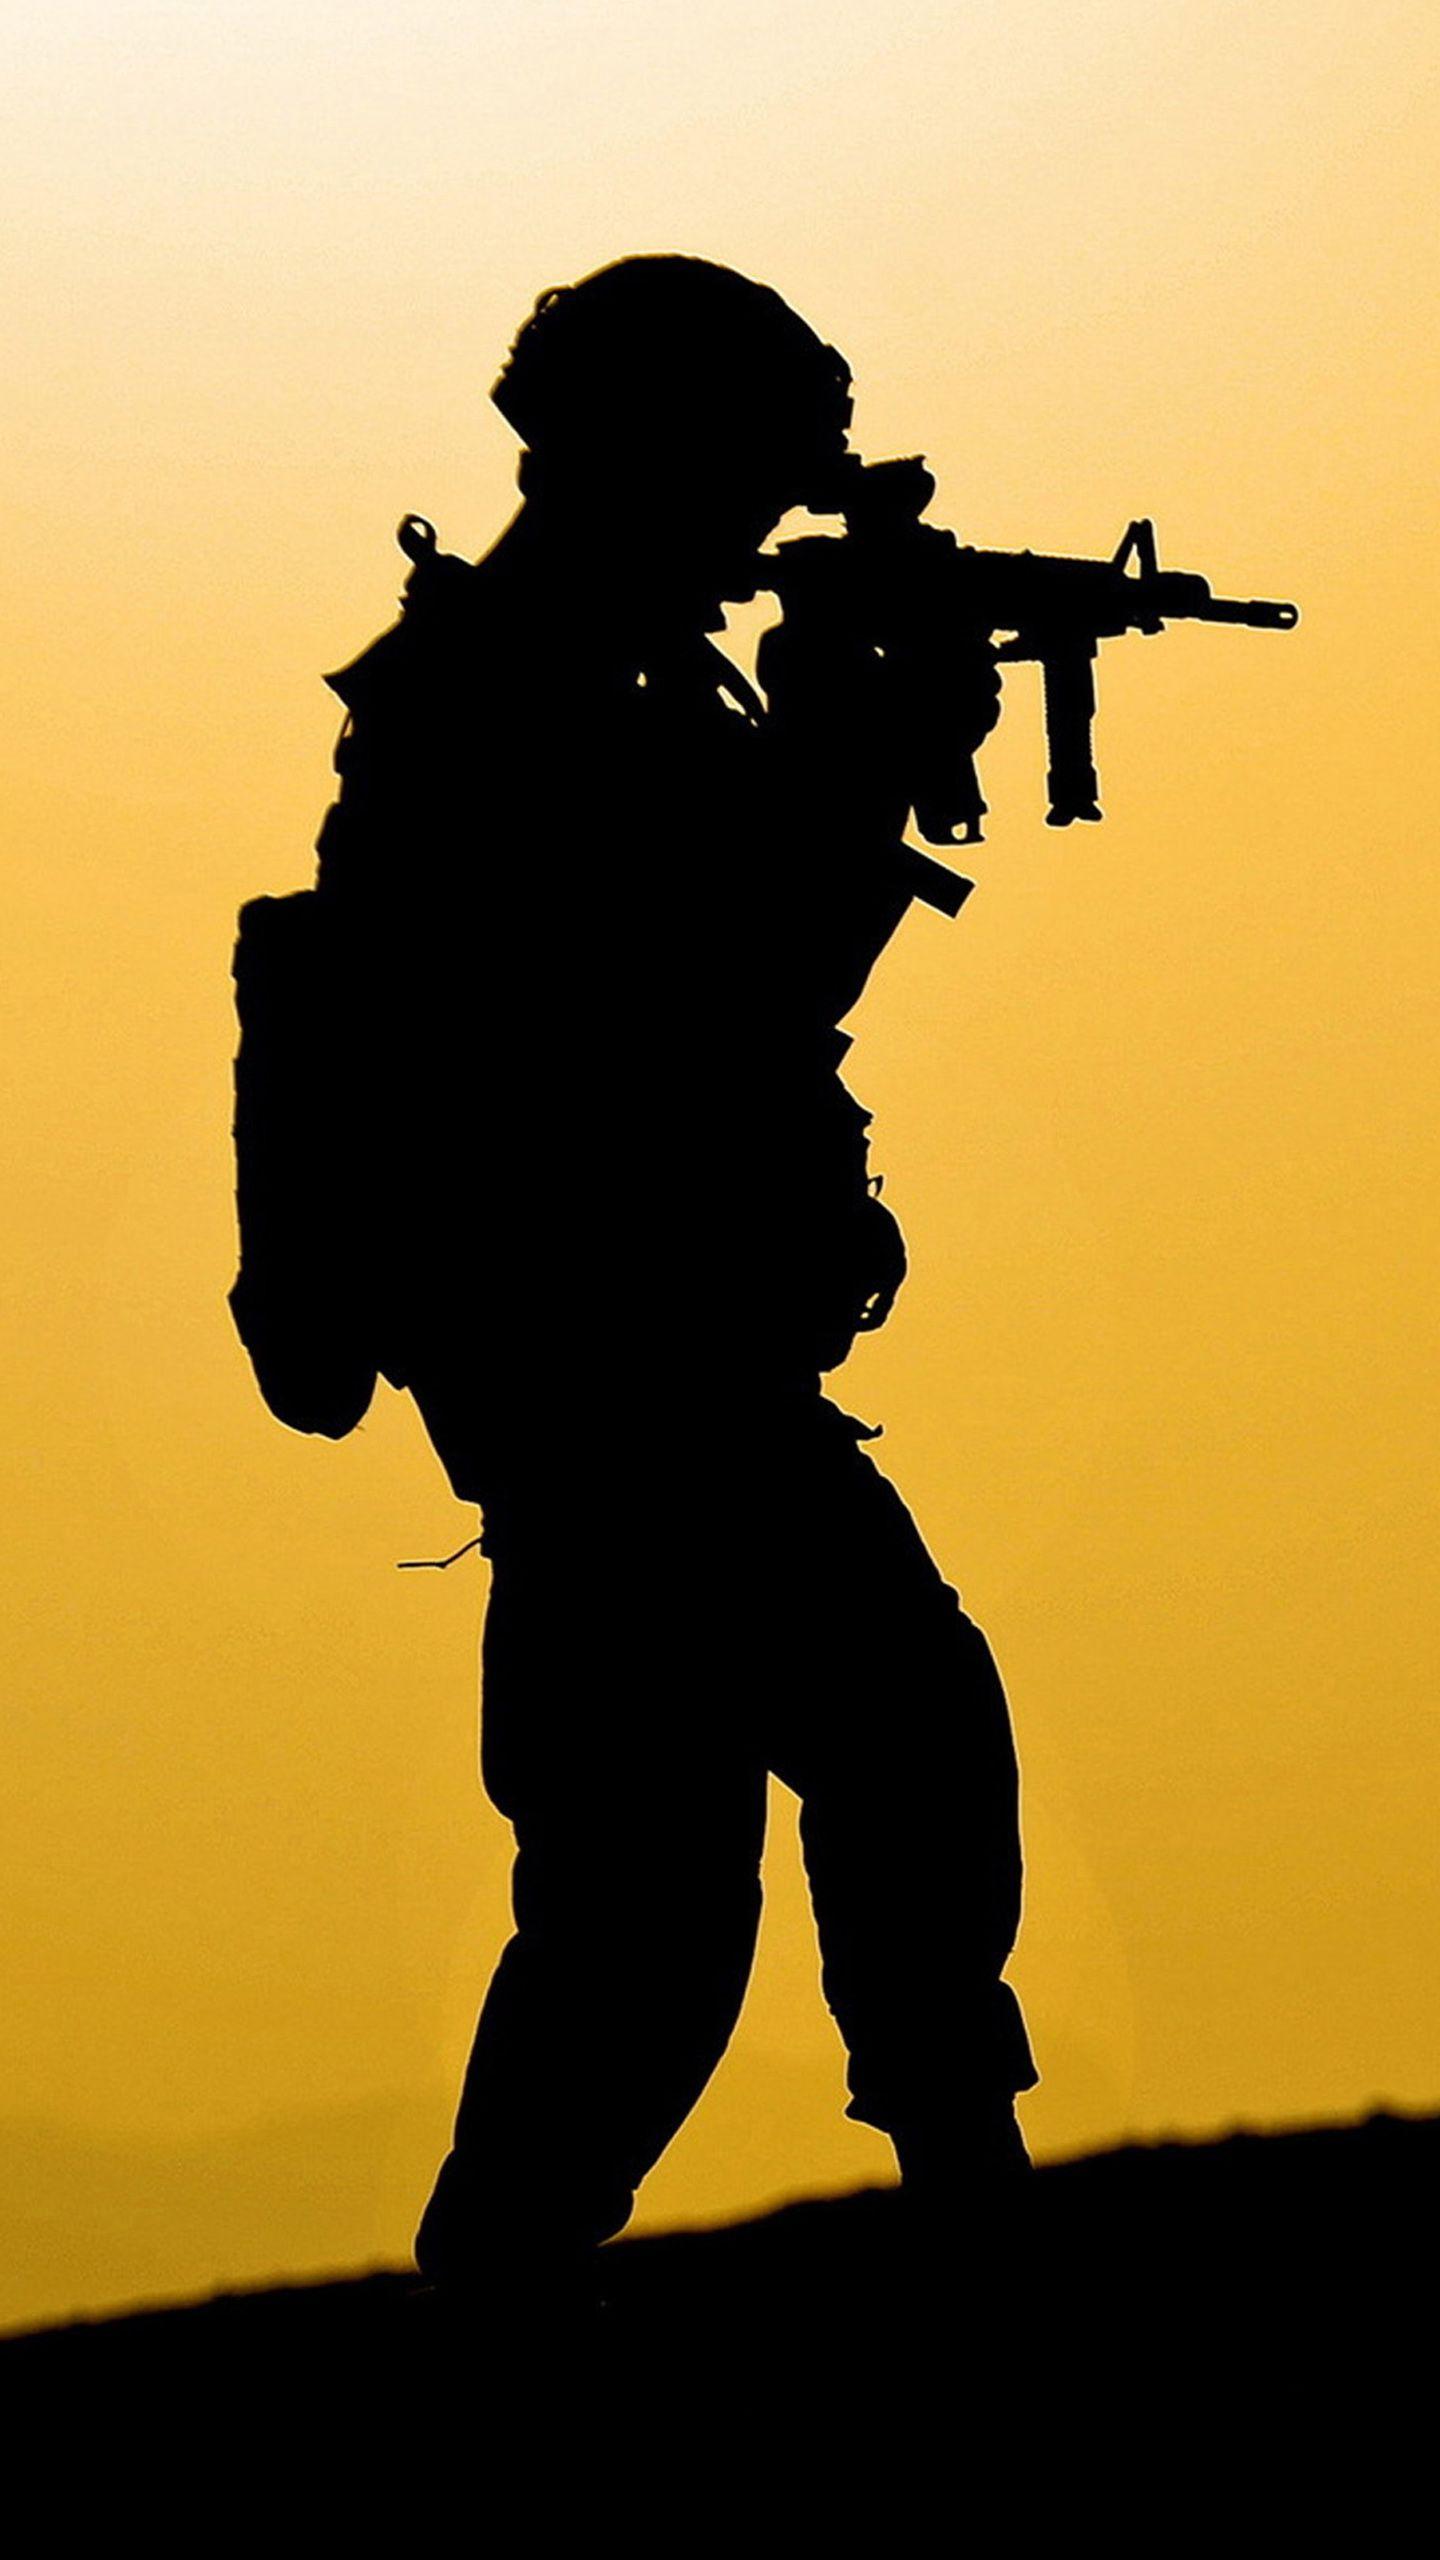 Us Navy Seal Angkatan Darat Penembak Jitu Korps Marinir